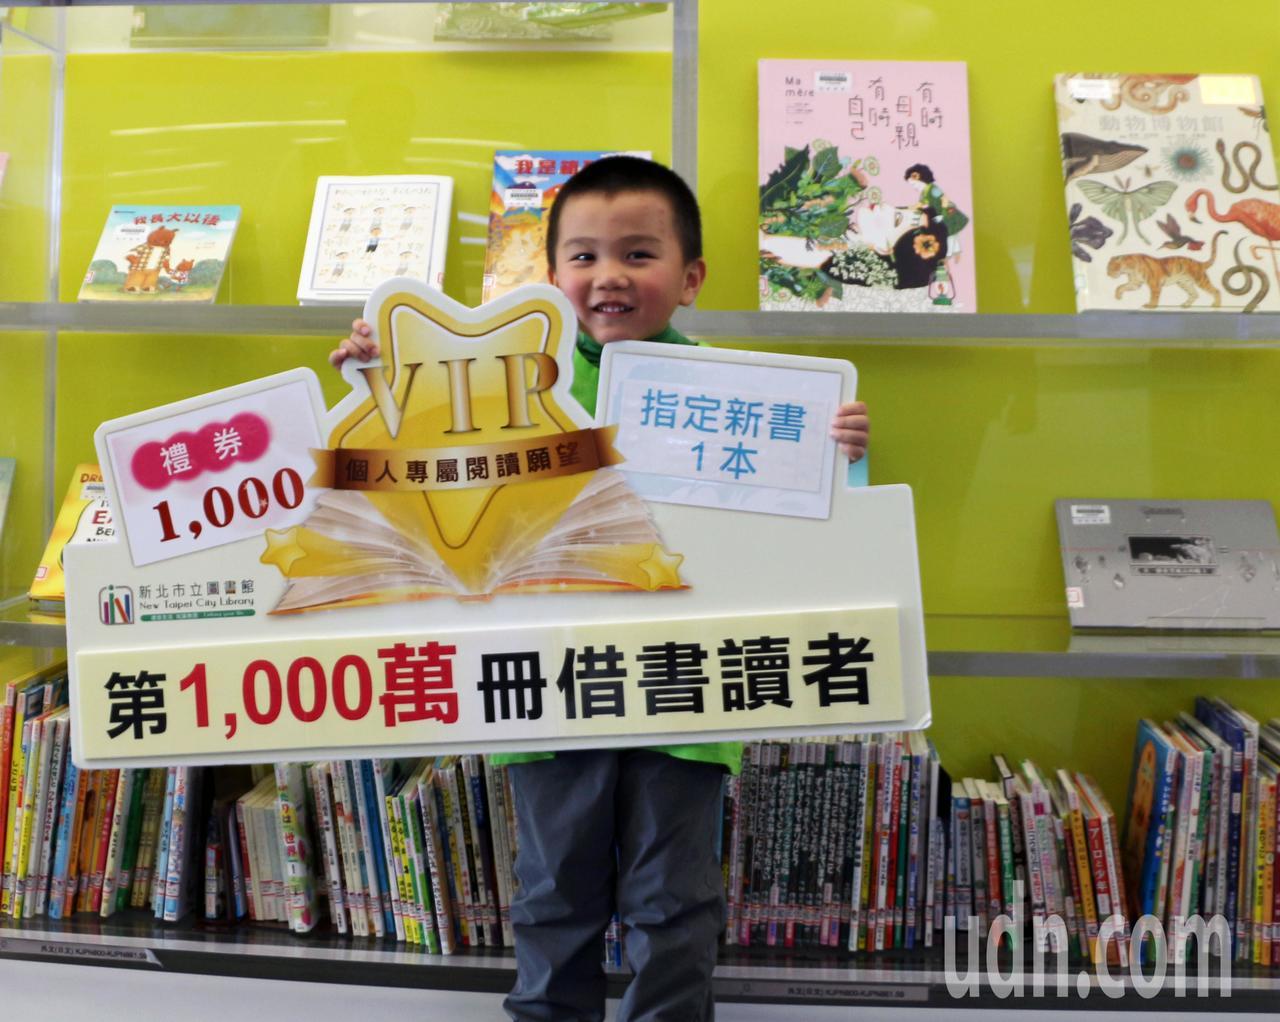 新北市借書冊數破千萬,第1千萬冊借閱者誕生在新北市立圖書館江子翠分館,為就讀幼稚...